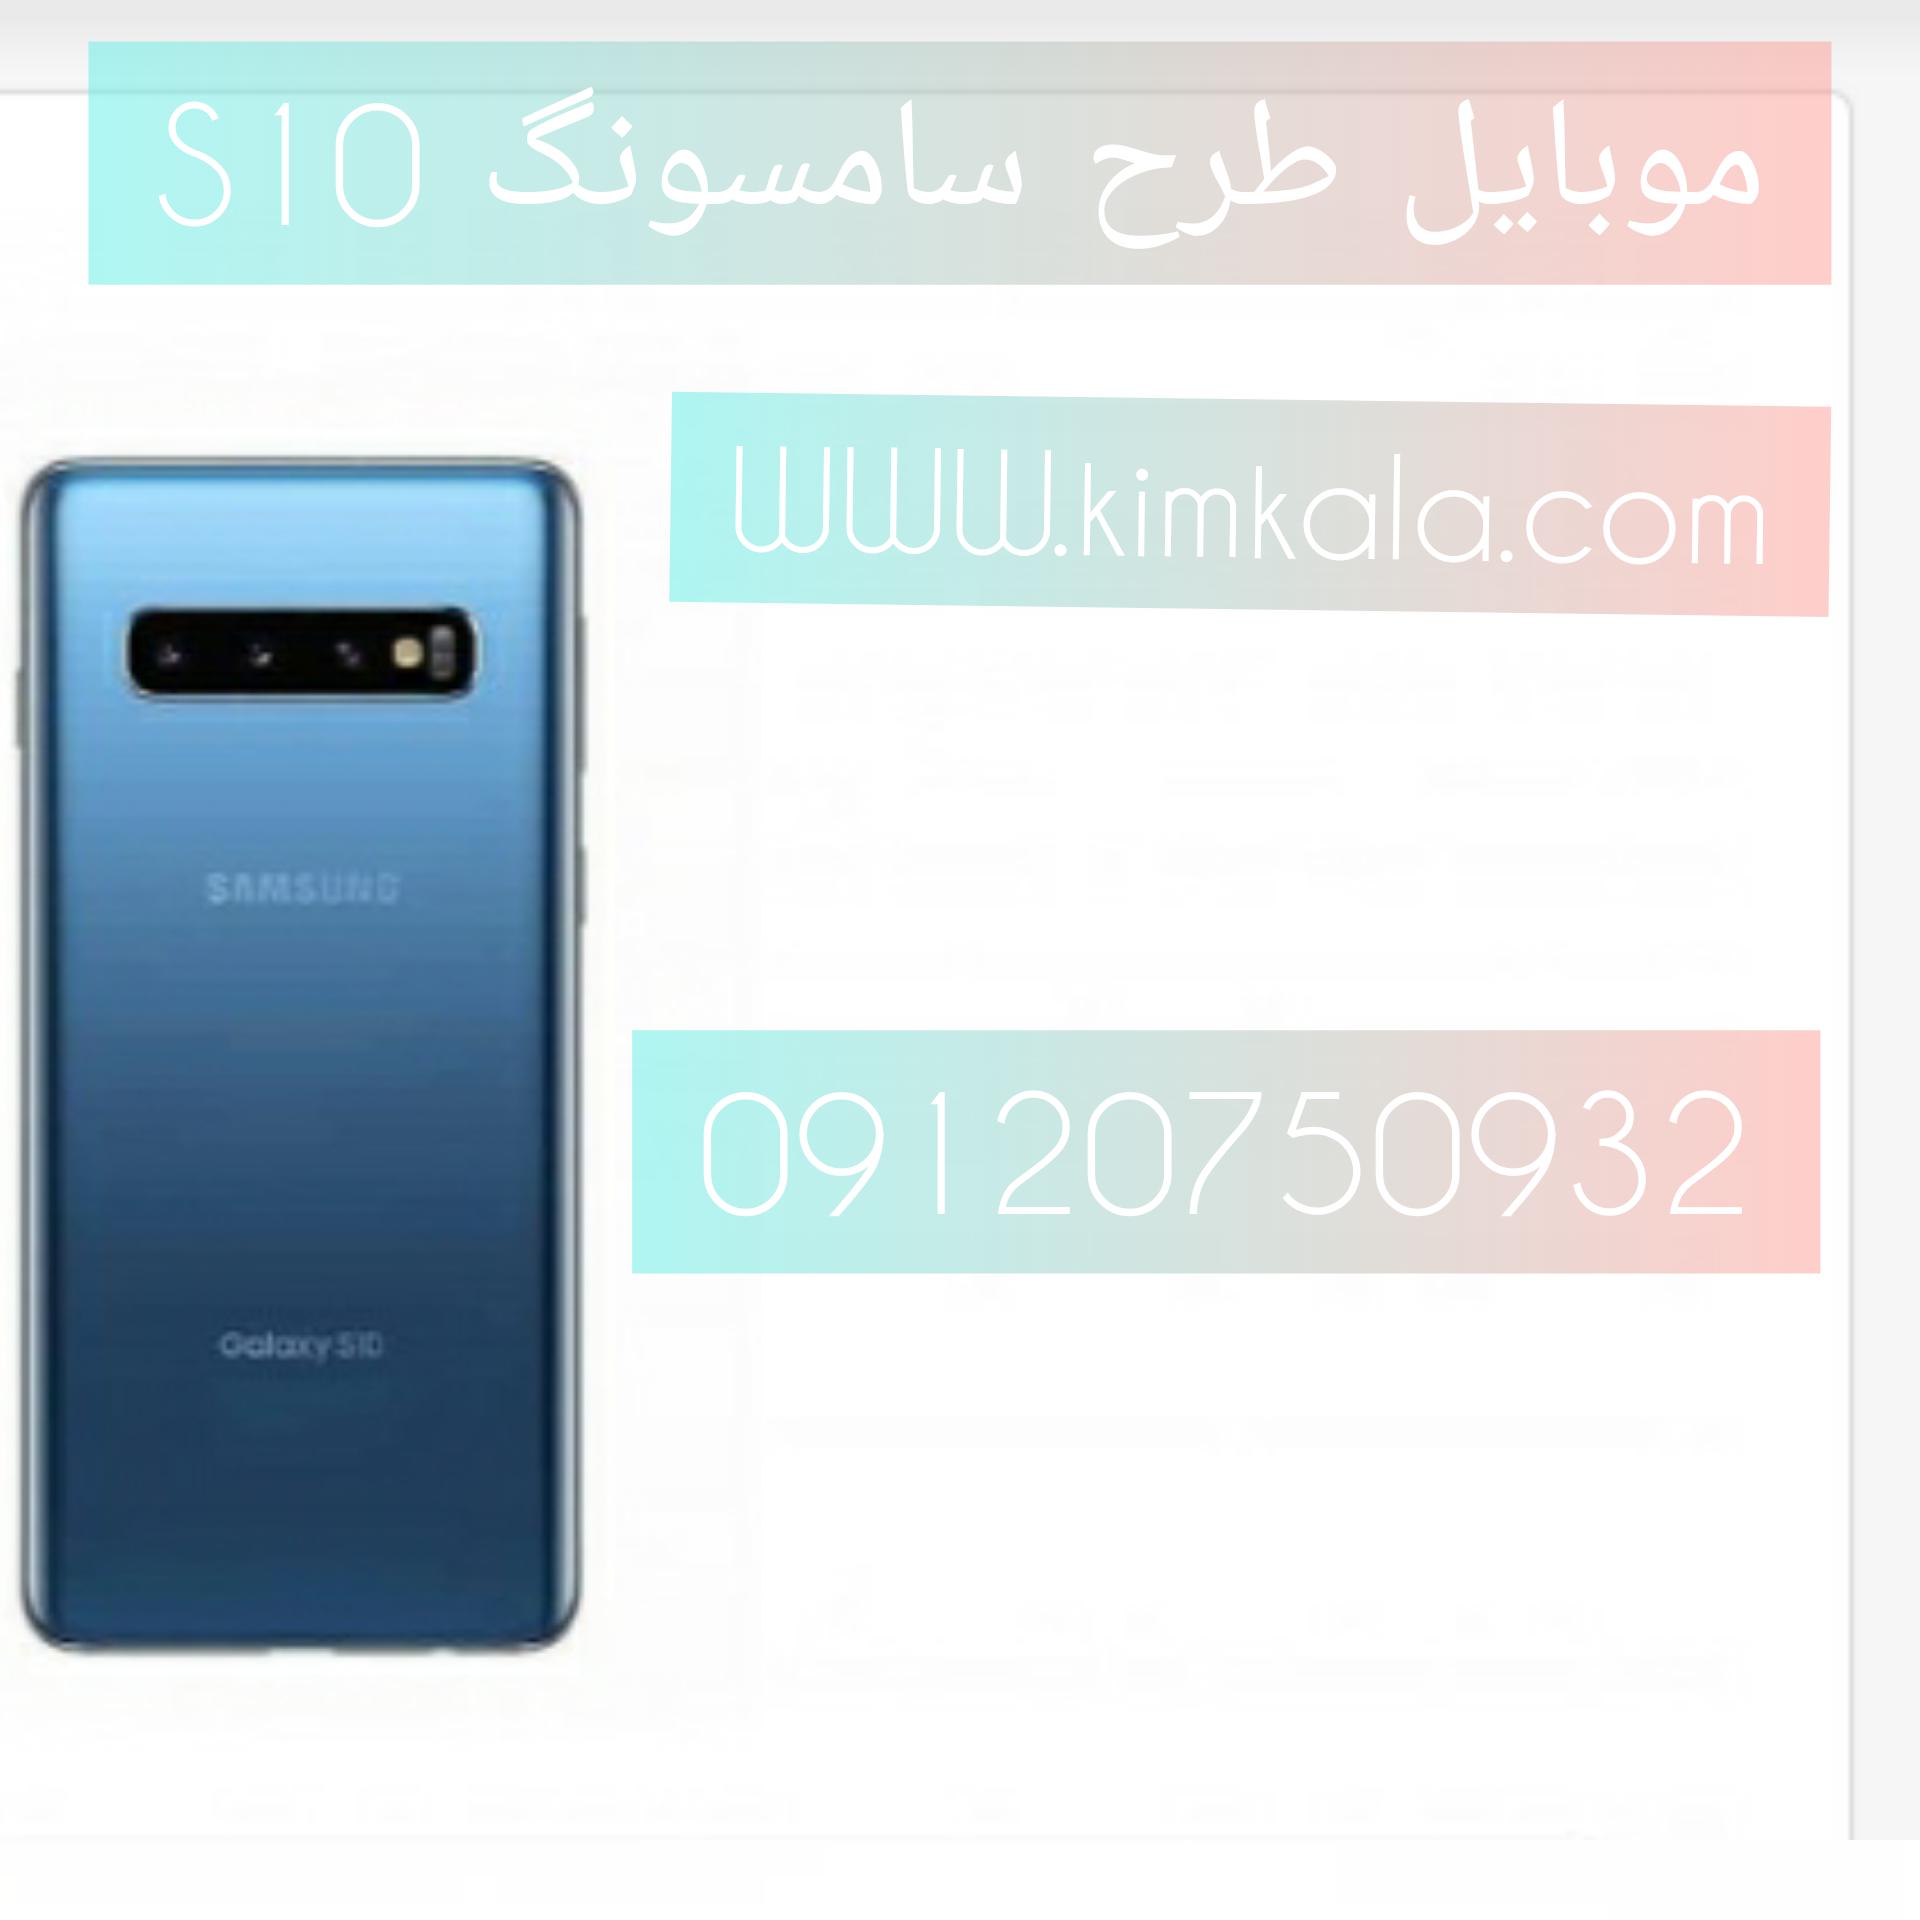 موبای طرح سامسونگS10/بهترین گوشی/09120750932